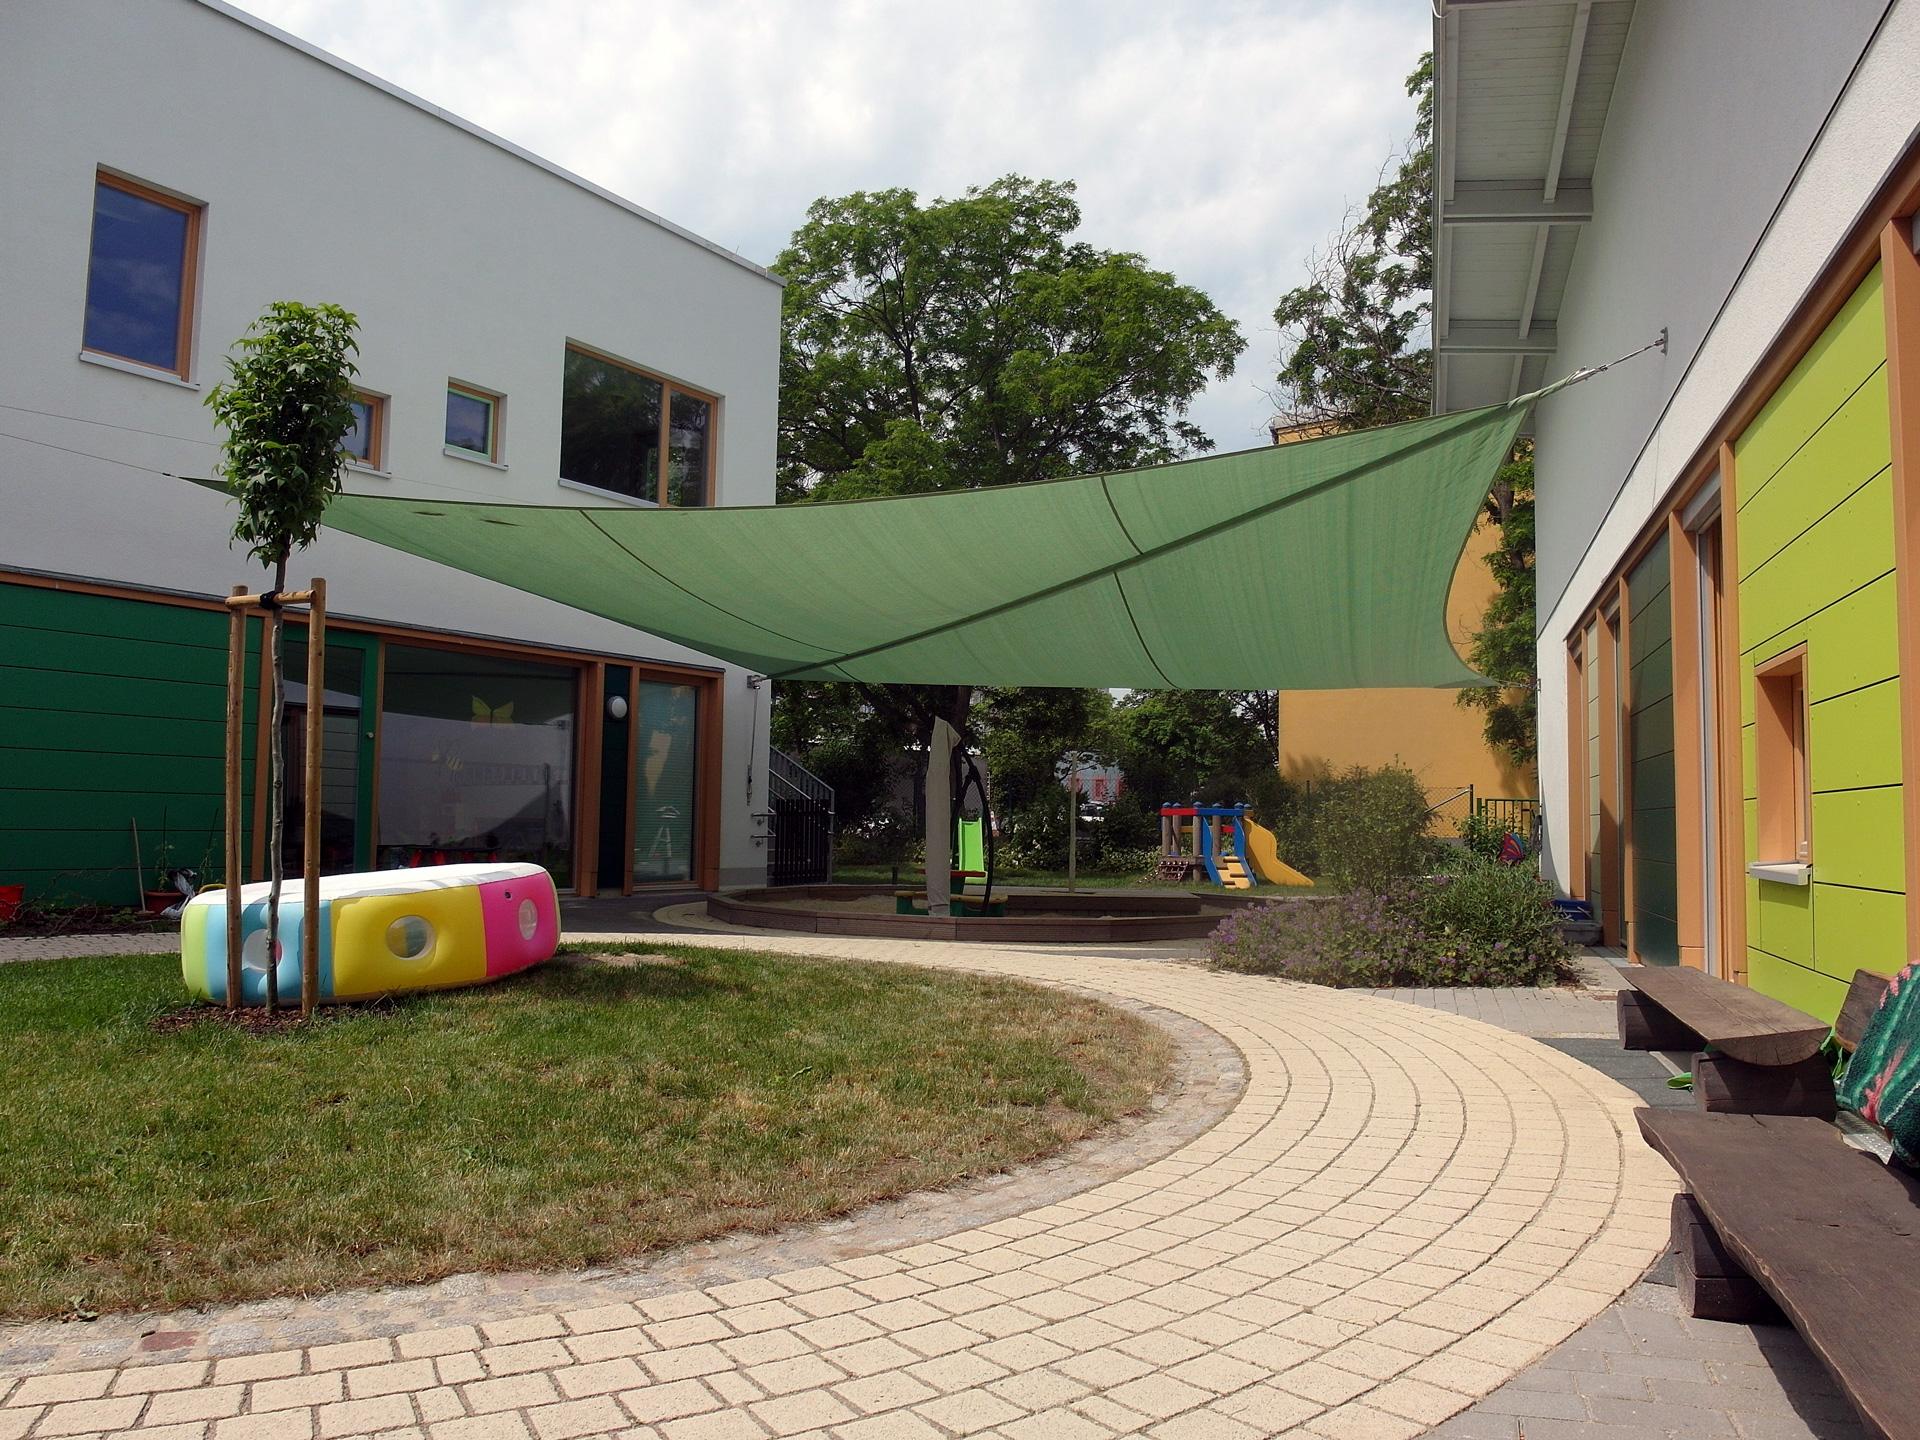 sonnensegel-sonnenschutz-im-kindergarten-thumb